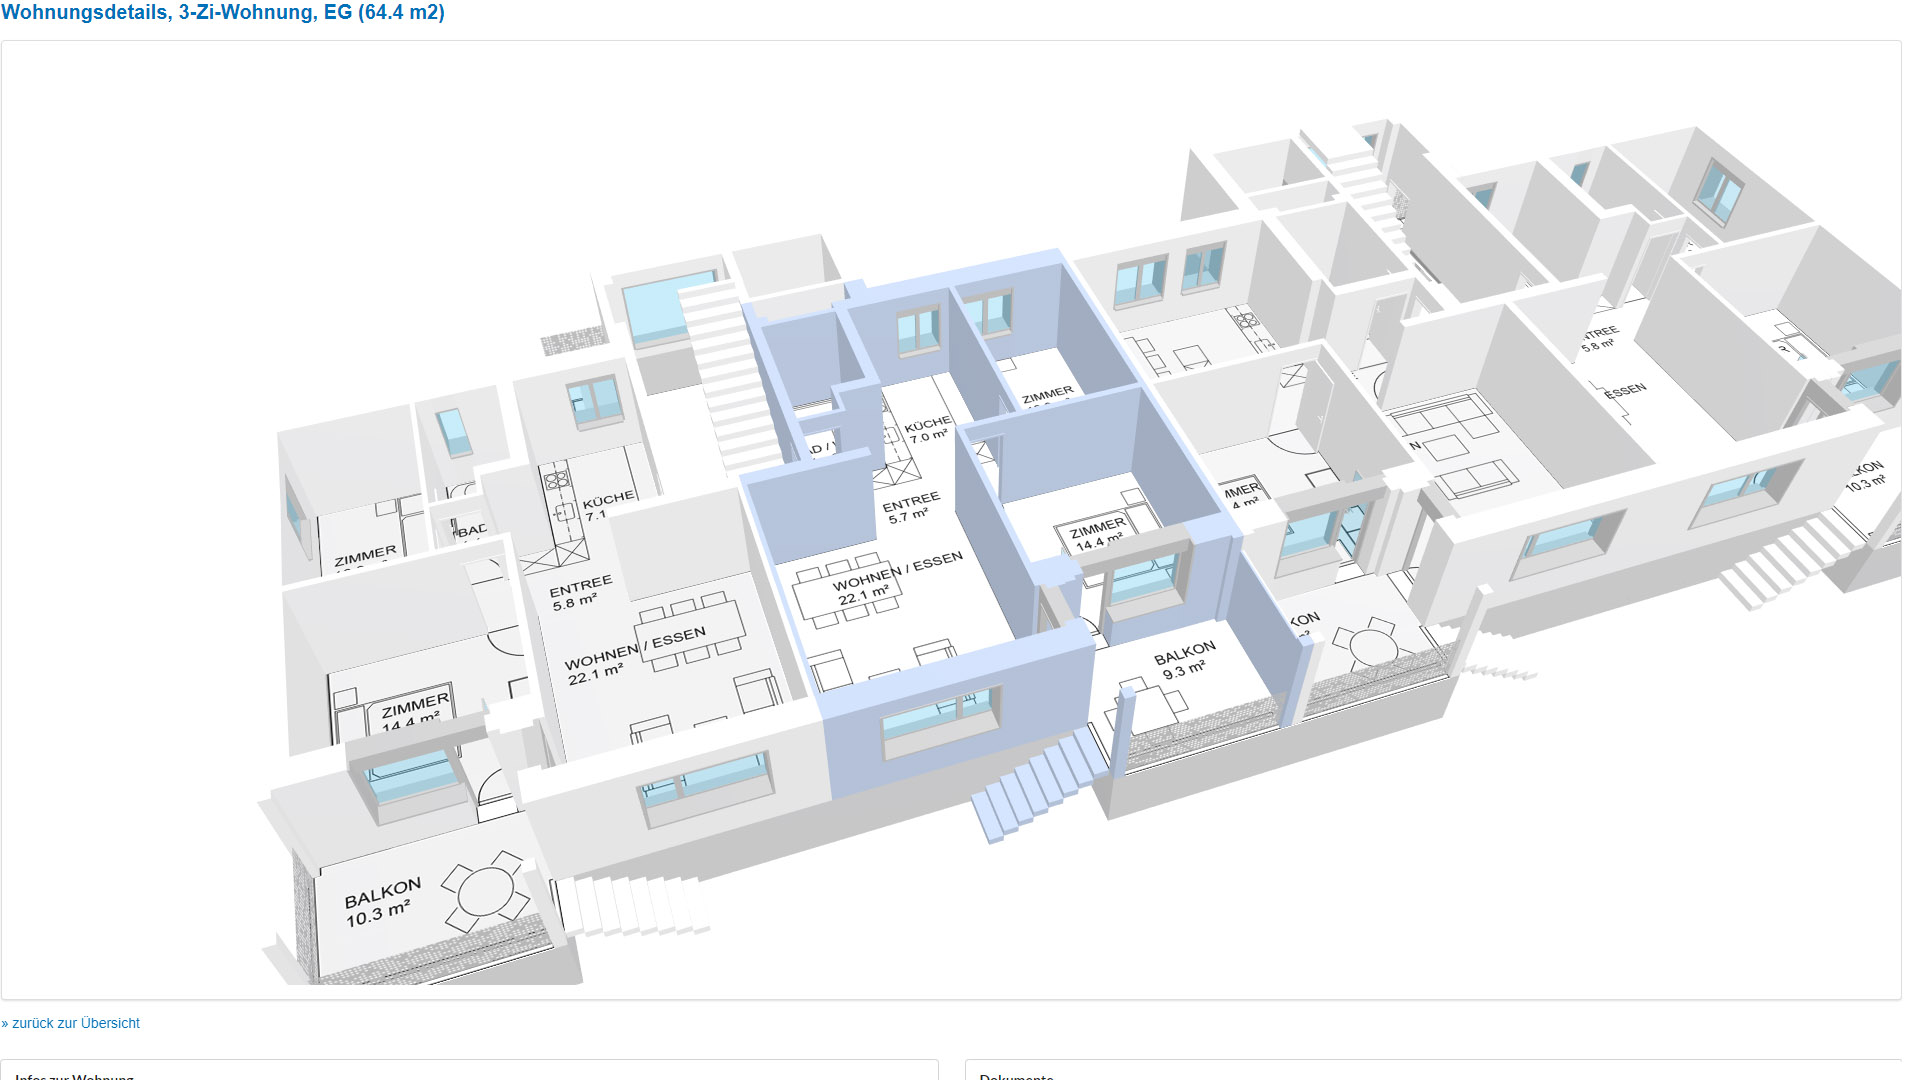 Silu Auenring Zuerich Grundrissplan in 3D